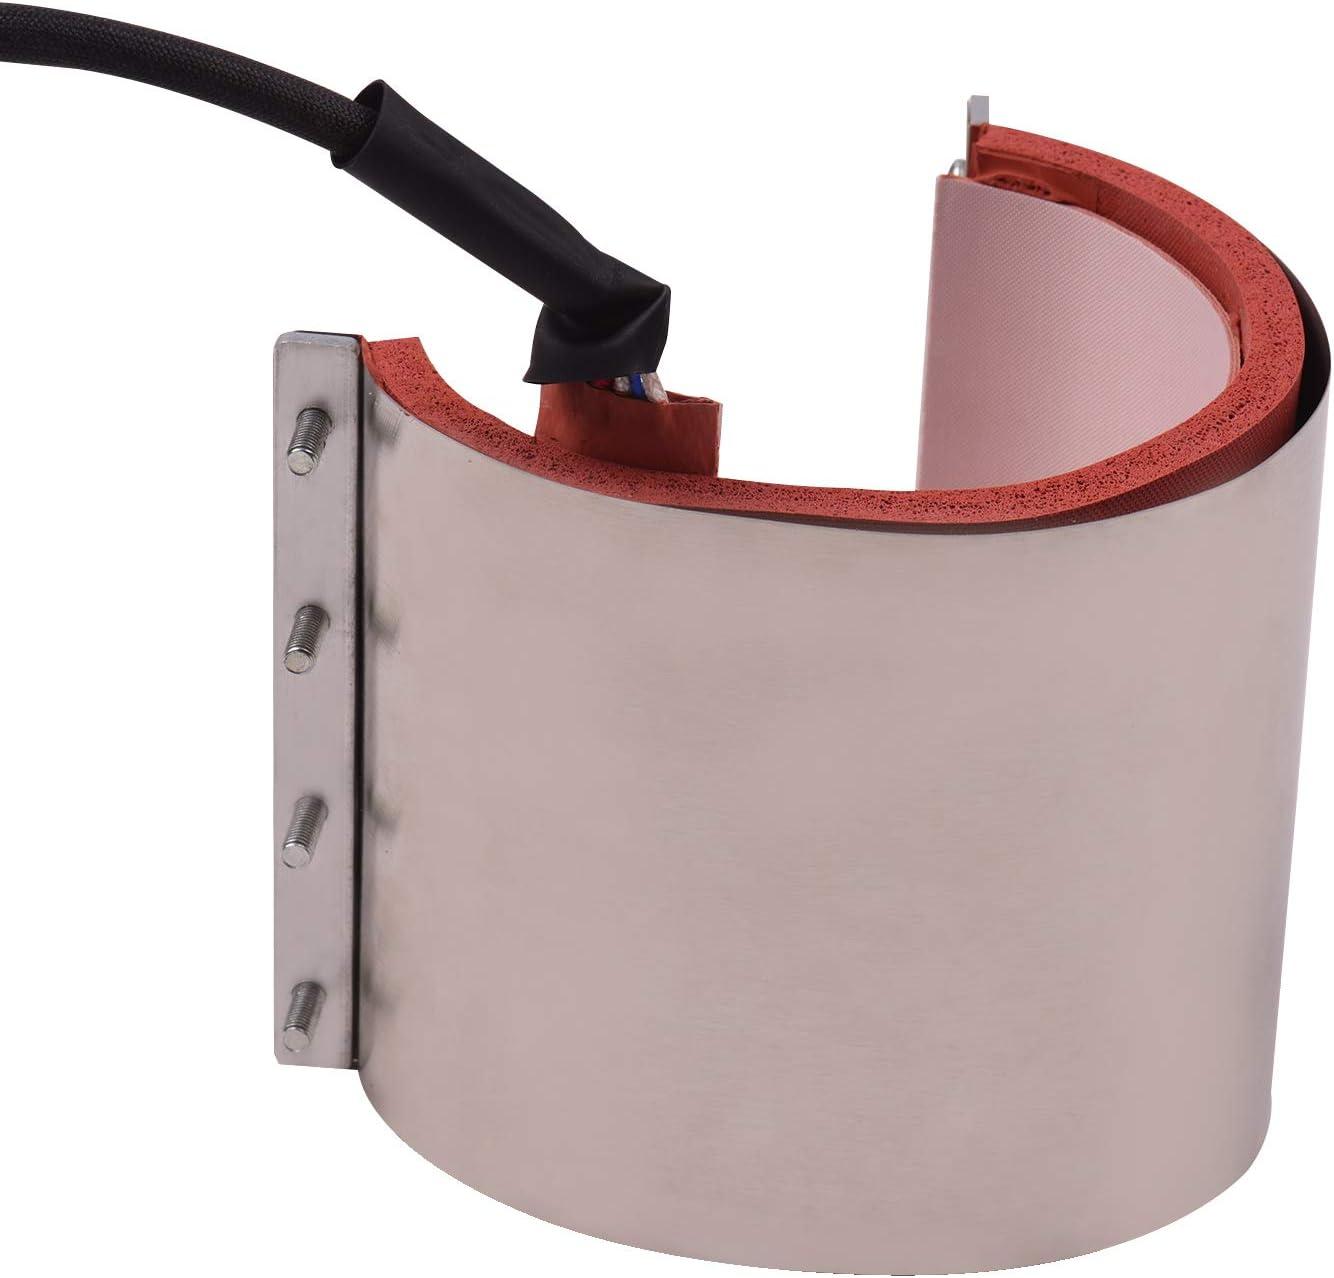 110 V per stampa a sublimazione di trasferimento della pressa di calore 12 * 23,5 cm Leader-cloth Aibecy Tazza Tazza Pressa Riscaldamento Trasferimento Attacco Gel di silice 11 once